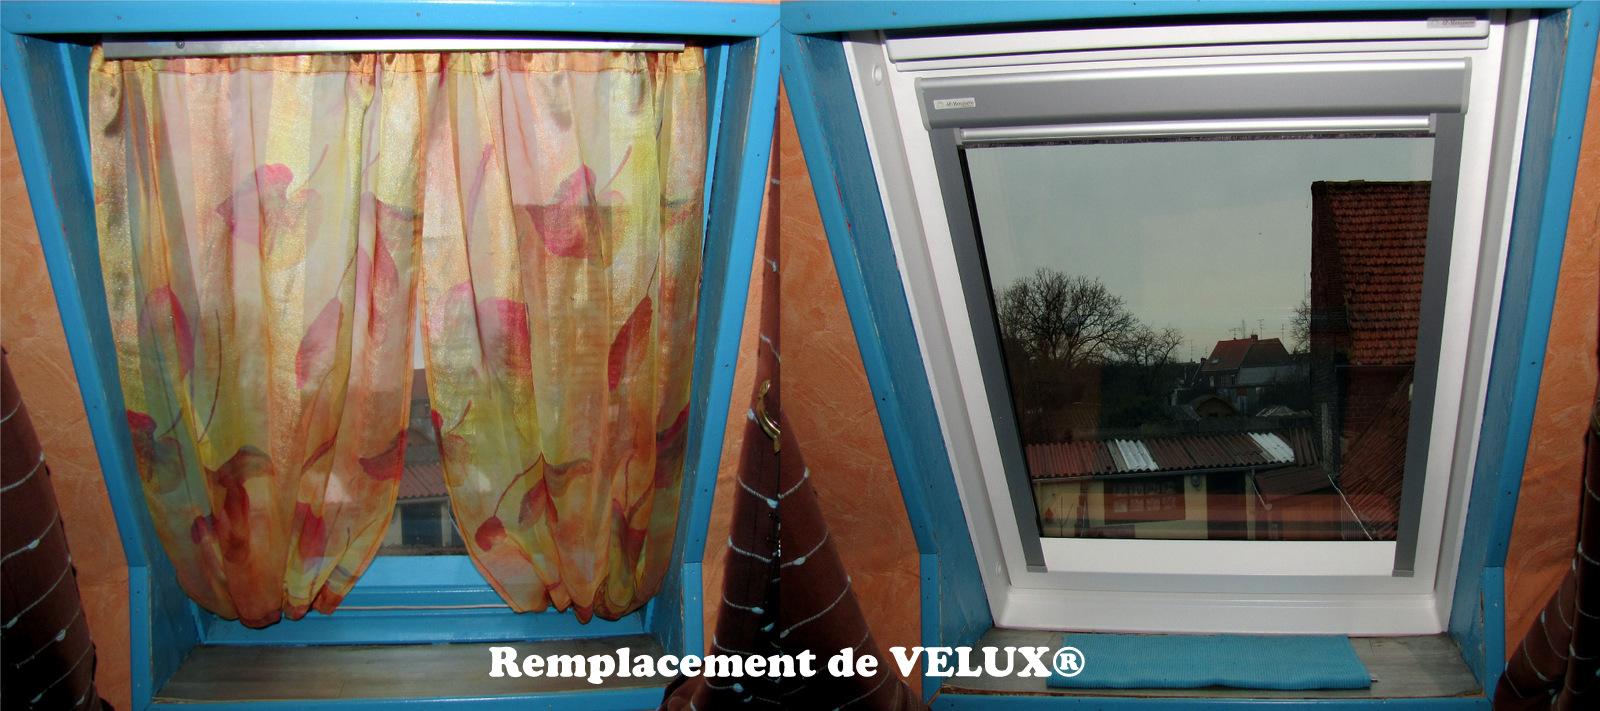 Remplacement de la fen tre de toit remplacement velux for Remplacement fenetre de toit